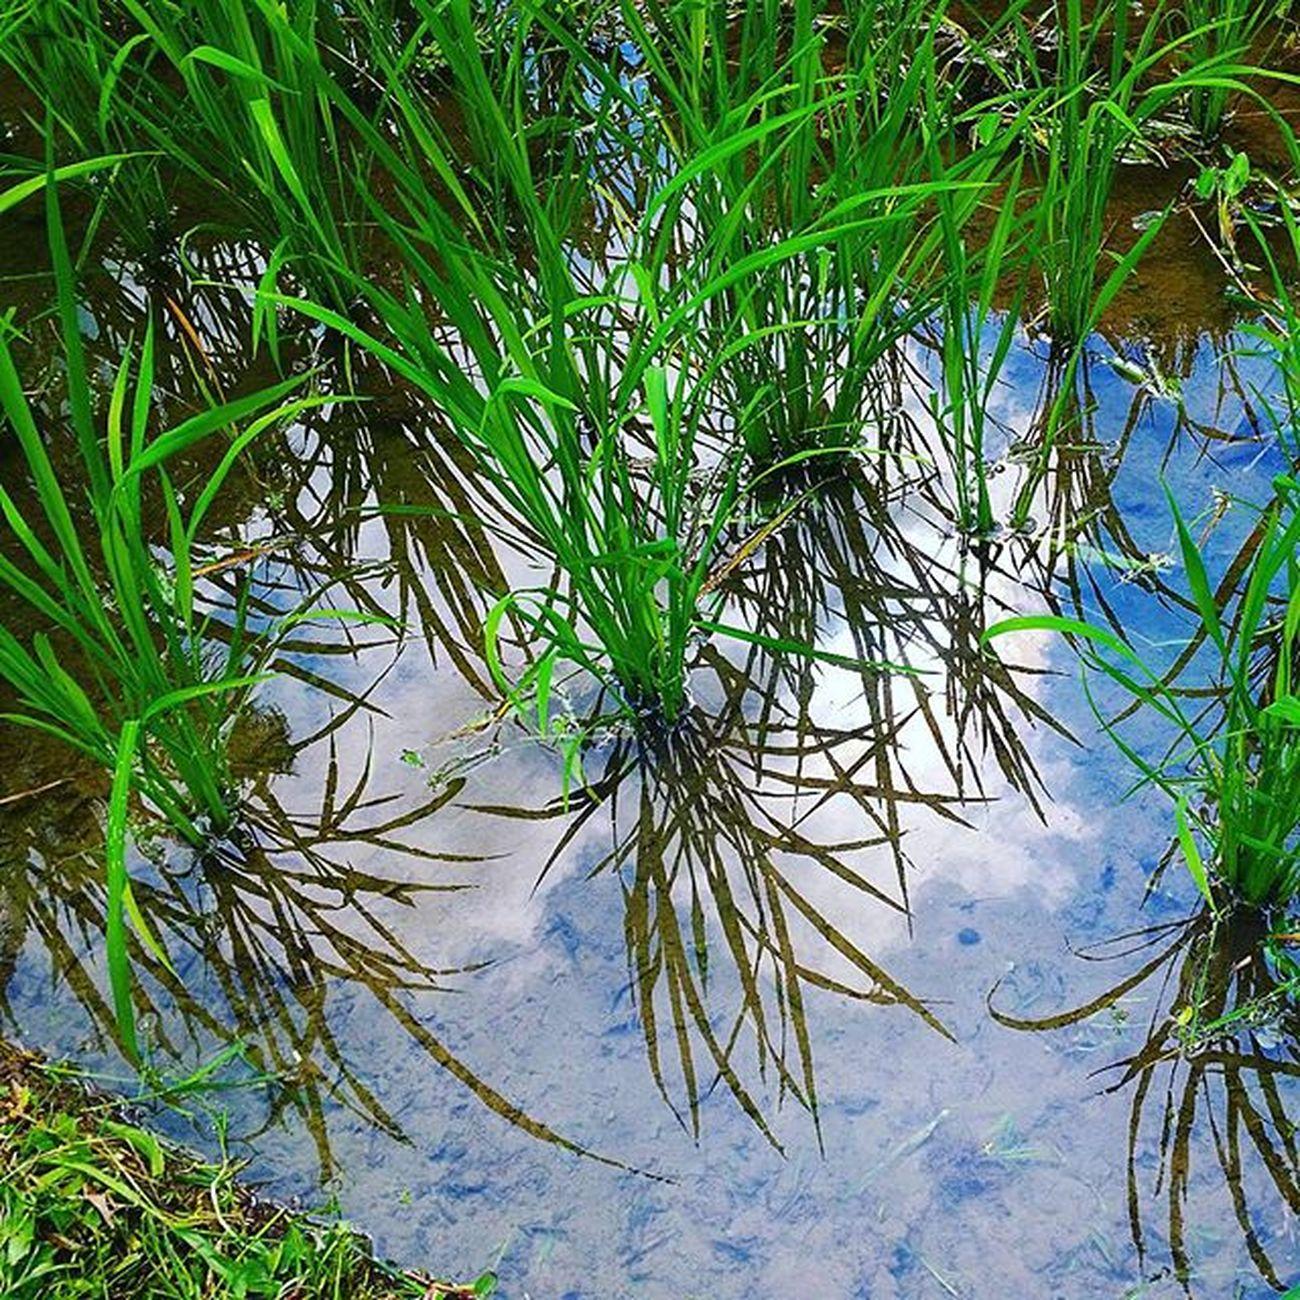 Naturelovers Nothingisordinary Nature Ig_nature Ig_naturelovers Naturaleza Nature_perfection Natural Nature_perfection Natureza Ig_naturaleza Ig_artistry Bestoftheday Best  Bali Ig_ubudbali